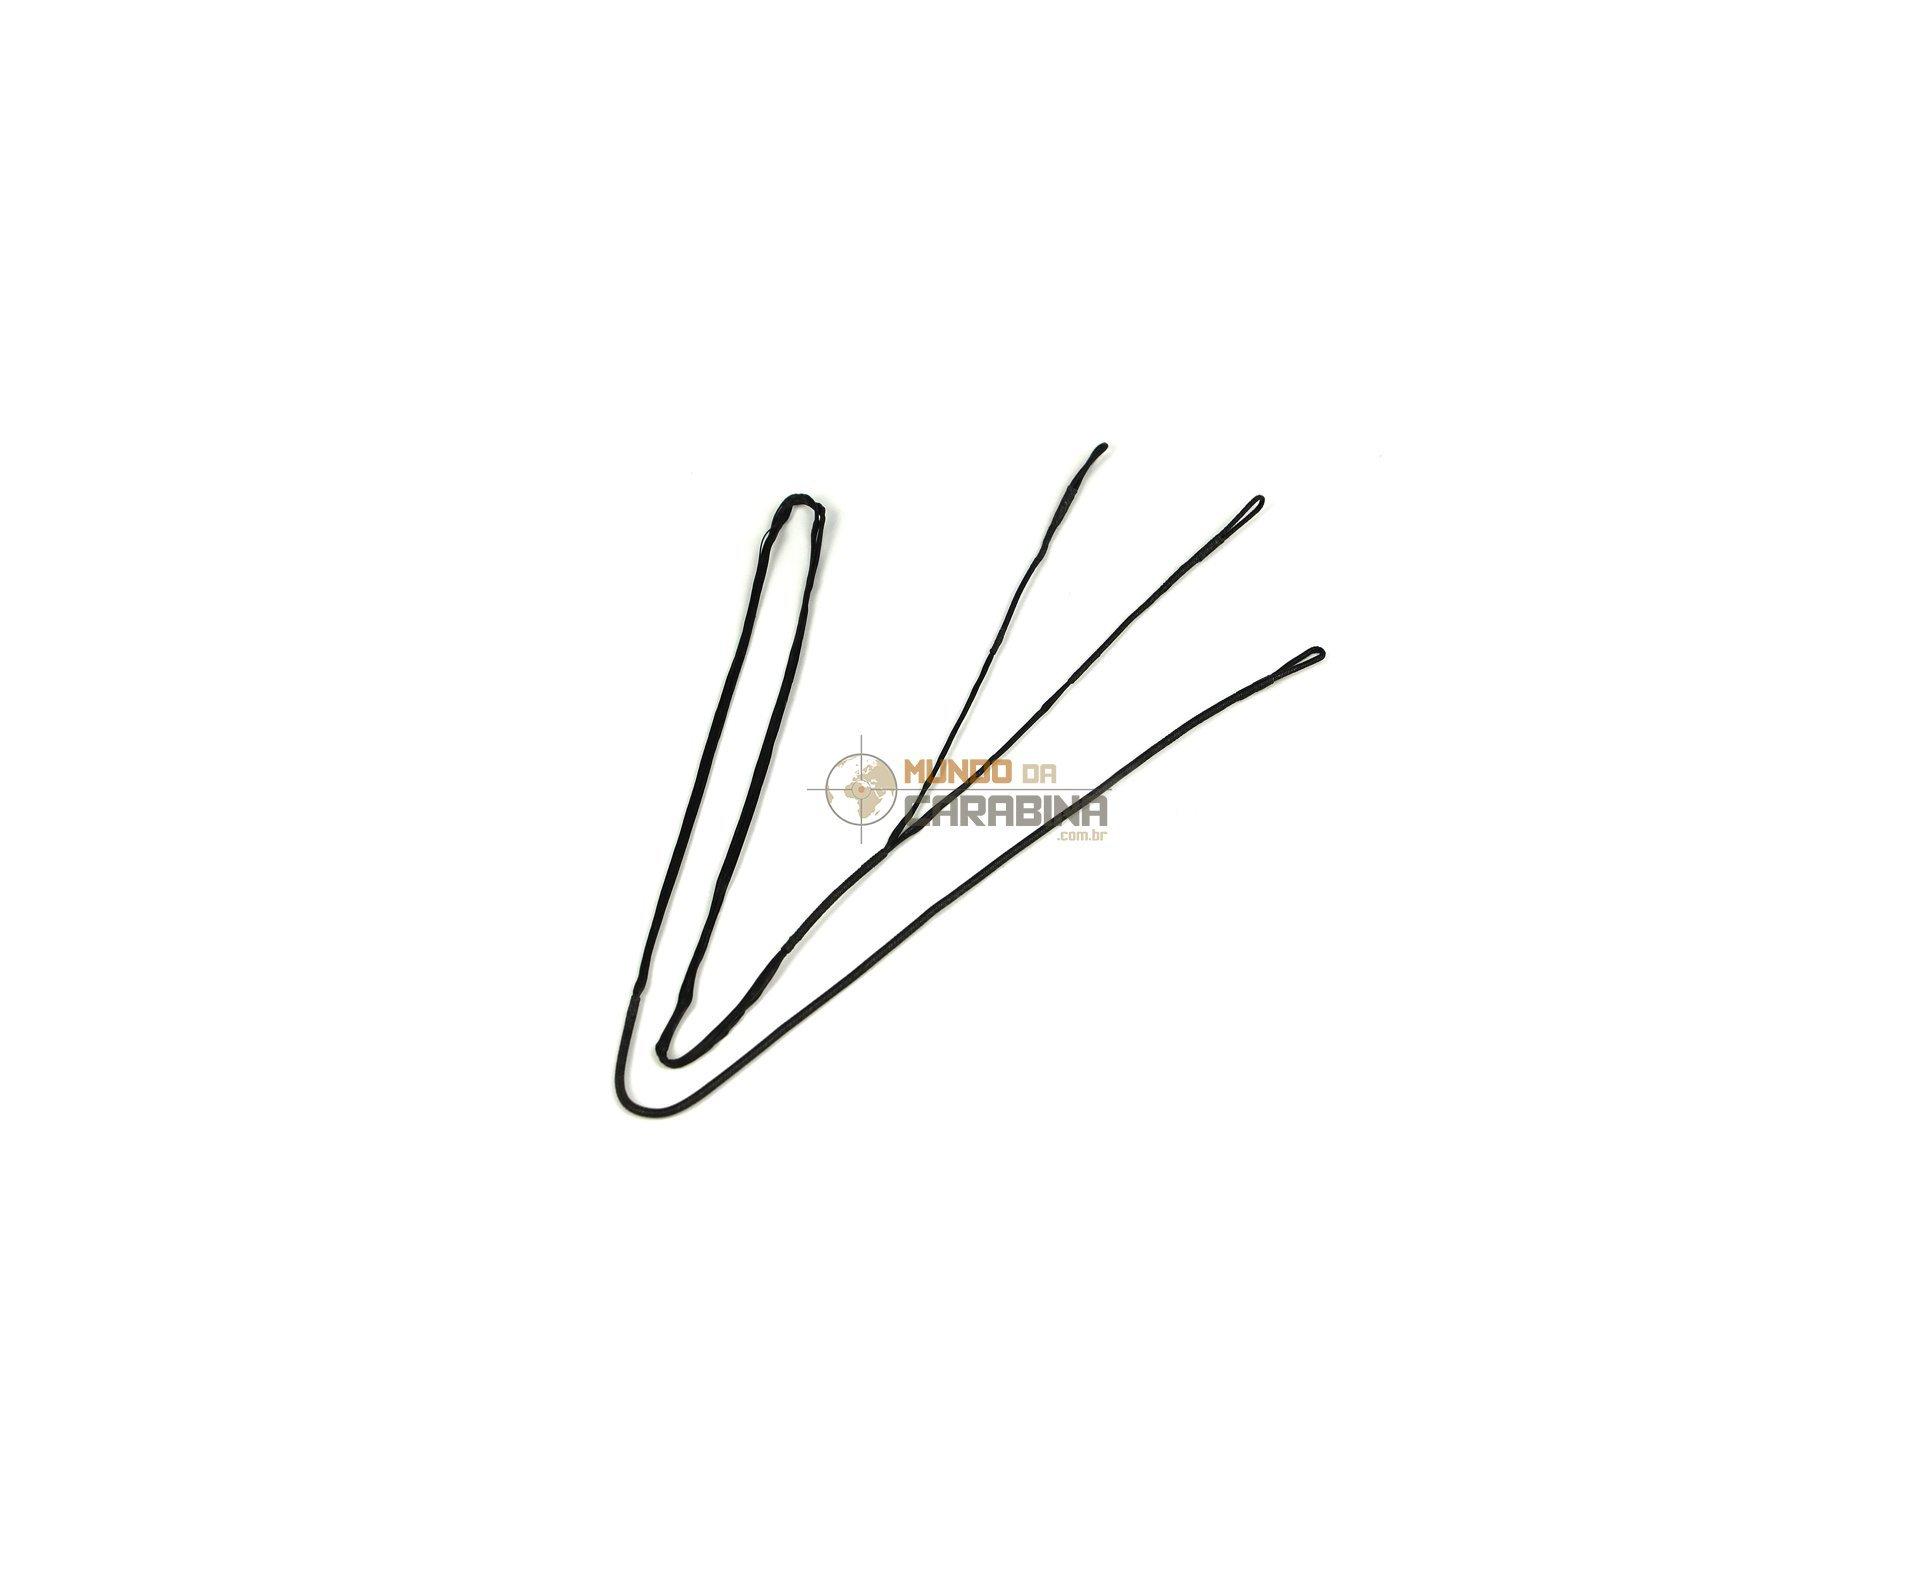 Cabo(string) Para Arcos Série Co-011 - Poe Lang